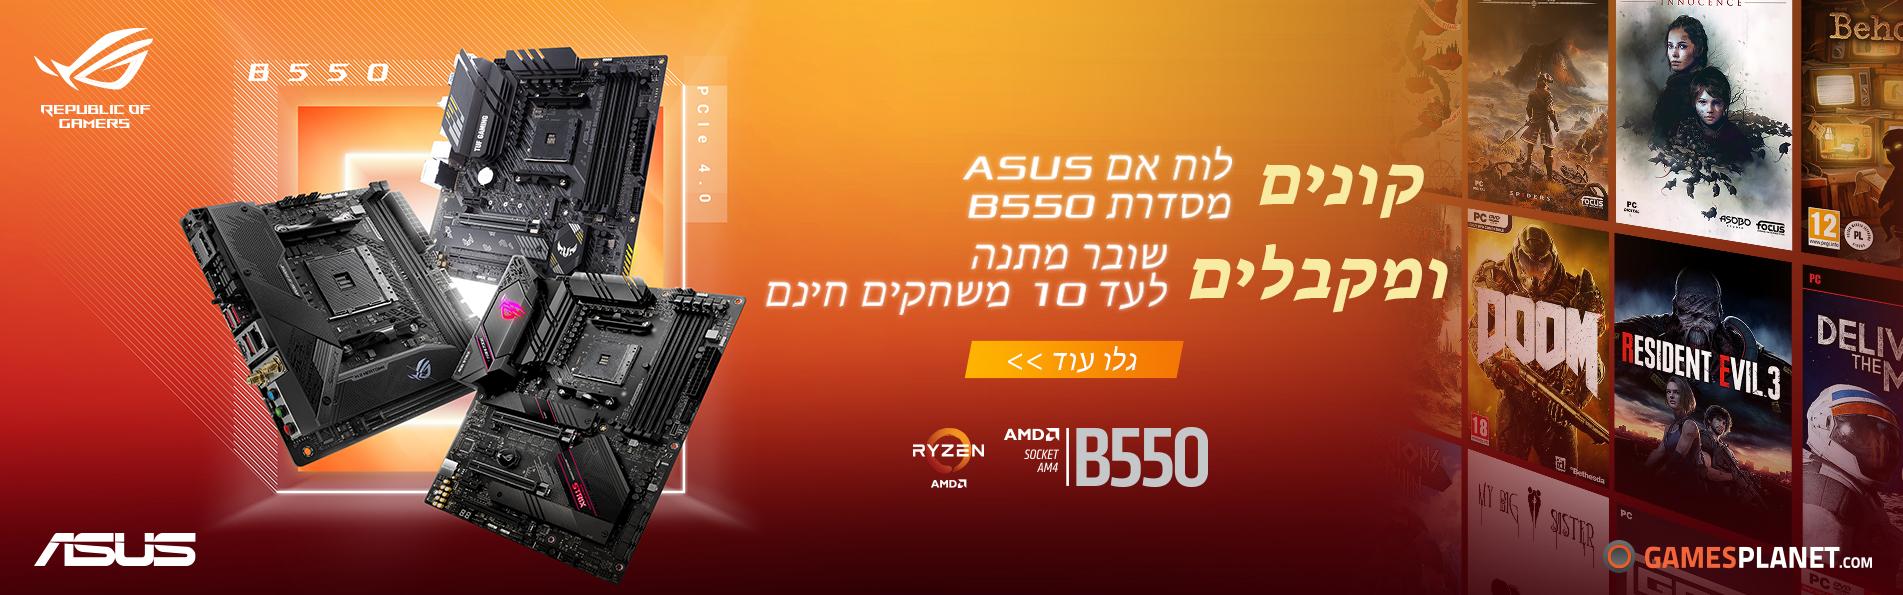 ASUS_B550_1903x595